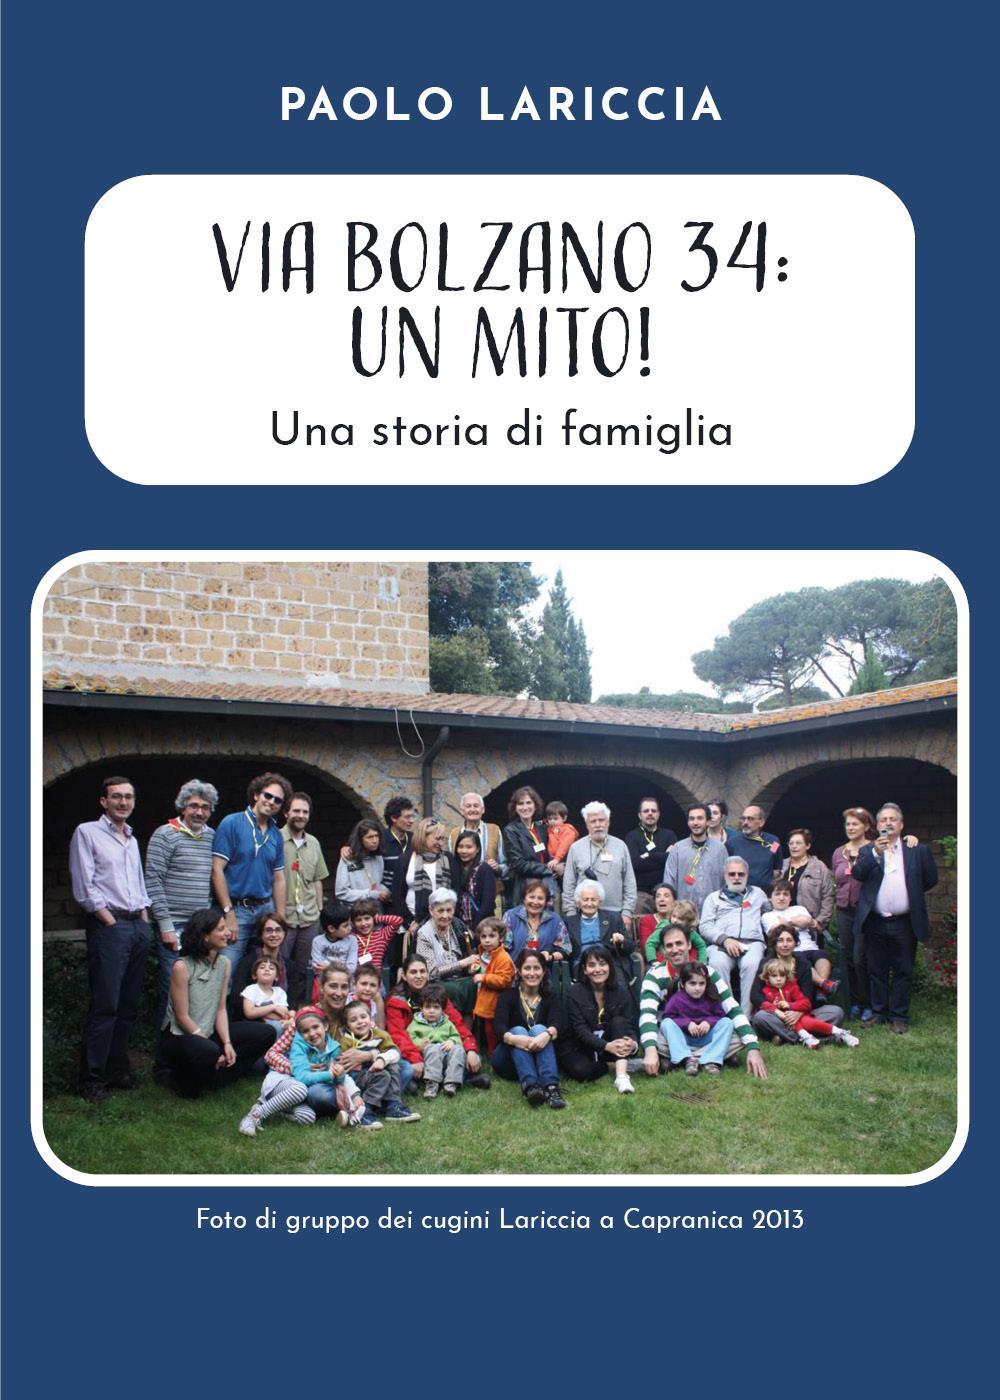 Via Bolzano 34: Un mito! Una storia di famiglia